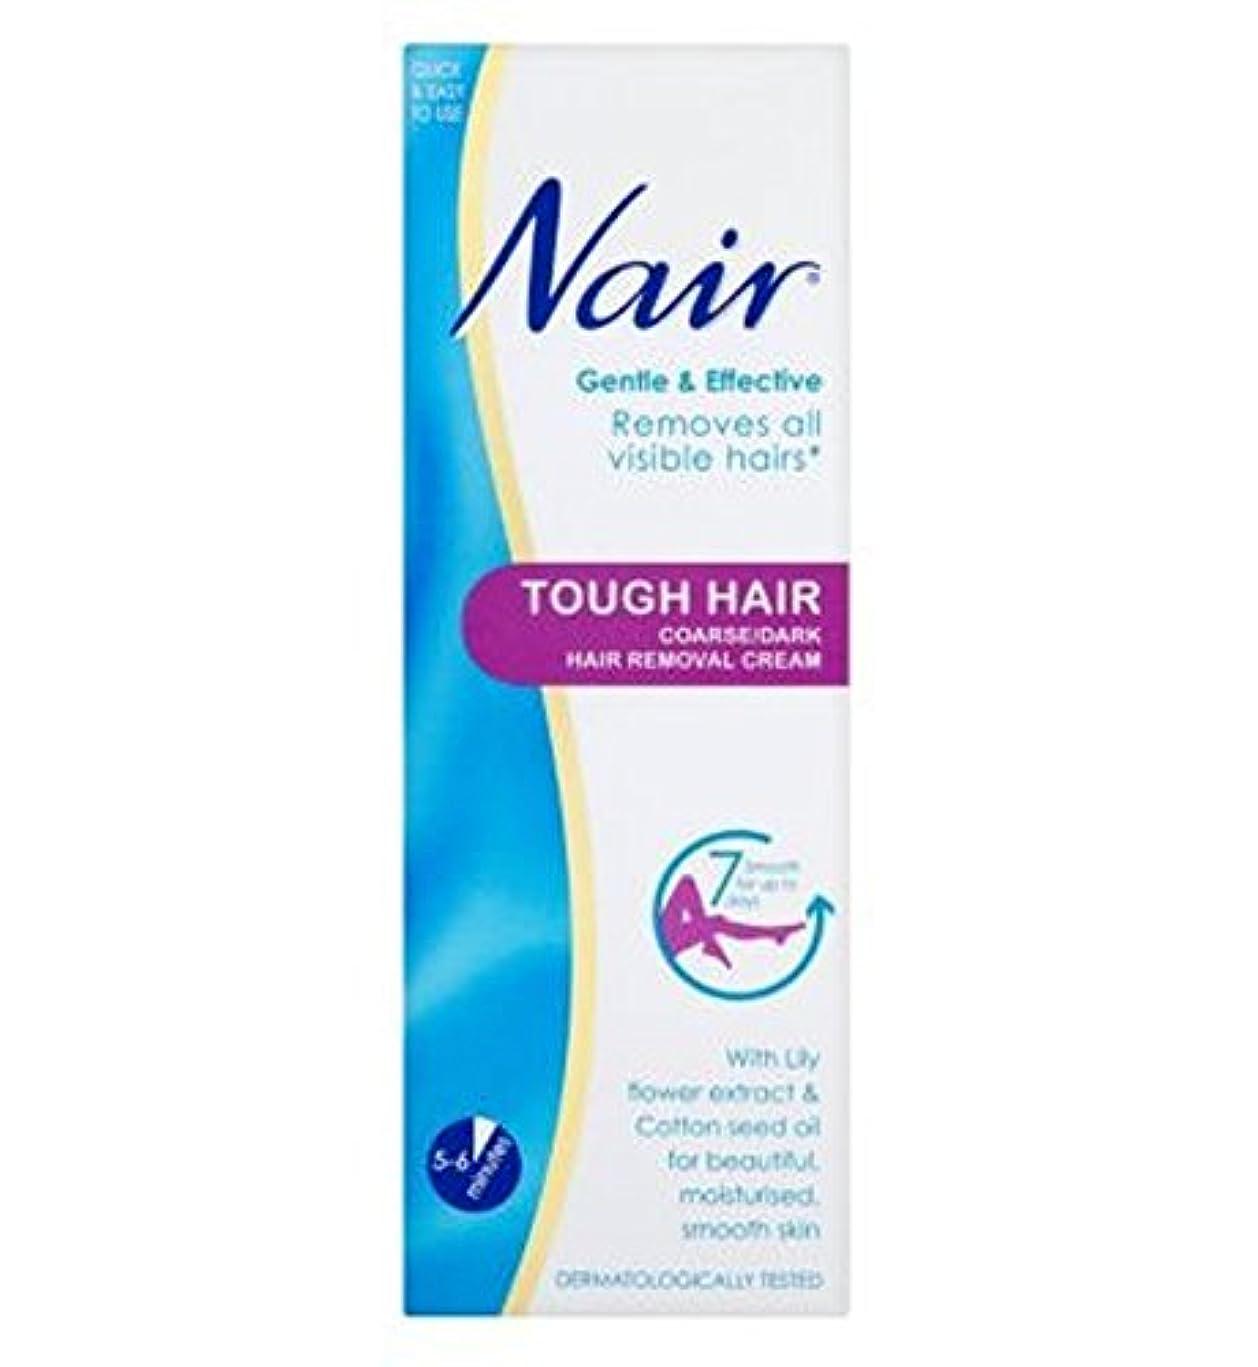 側地震億Nair Tough Hair Hair Removal Cream 200ml - ナイールタフな毛脱毛クリーム200ミリリットル (Nair) [並行輸入品]